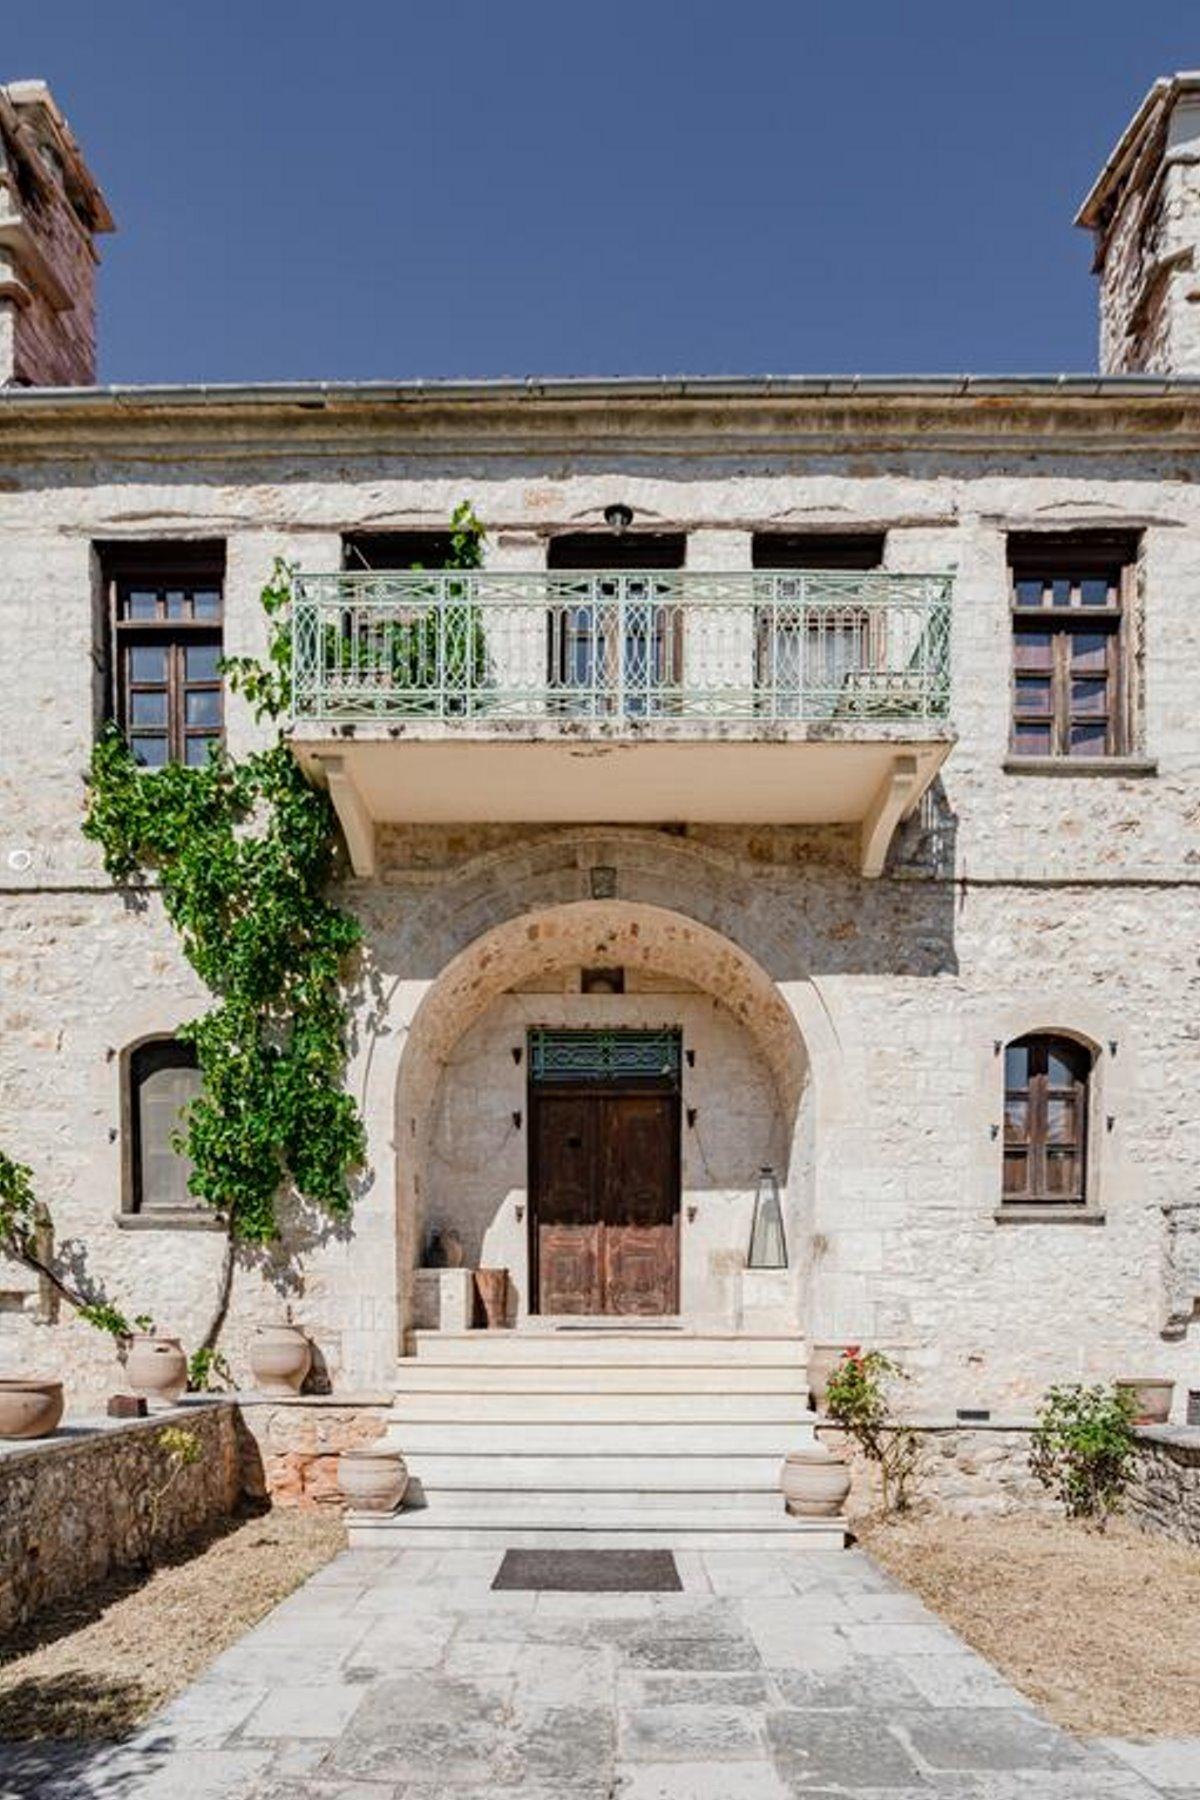 Πωγώνι ακριτικό χωριό Ηπείρου Paeonia Suites κεντρική είσοδος